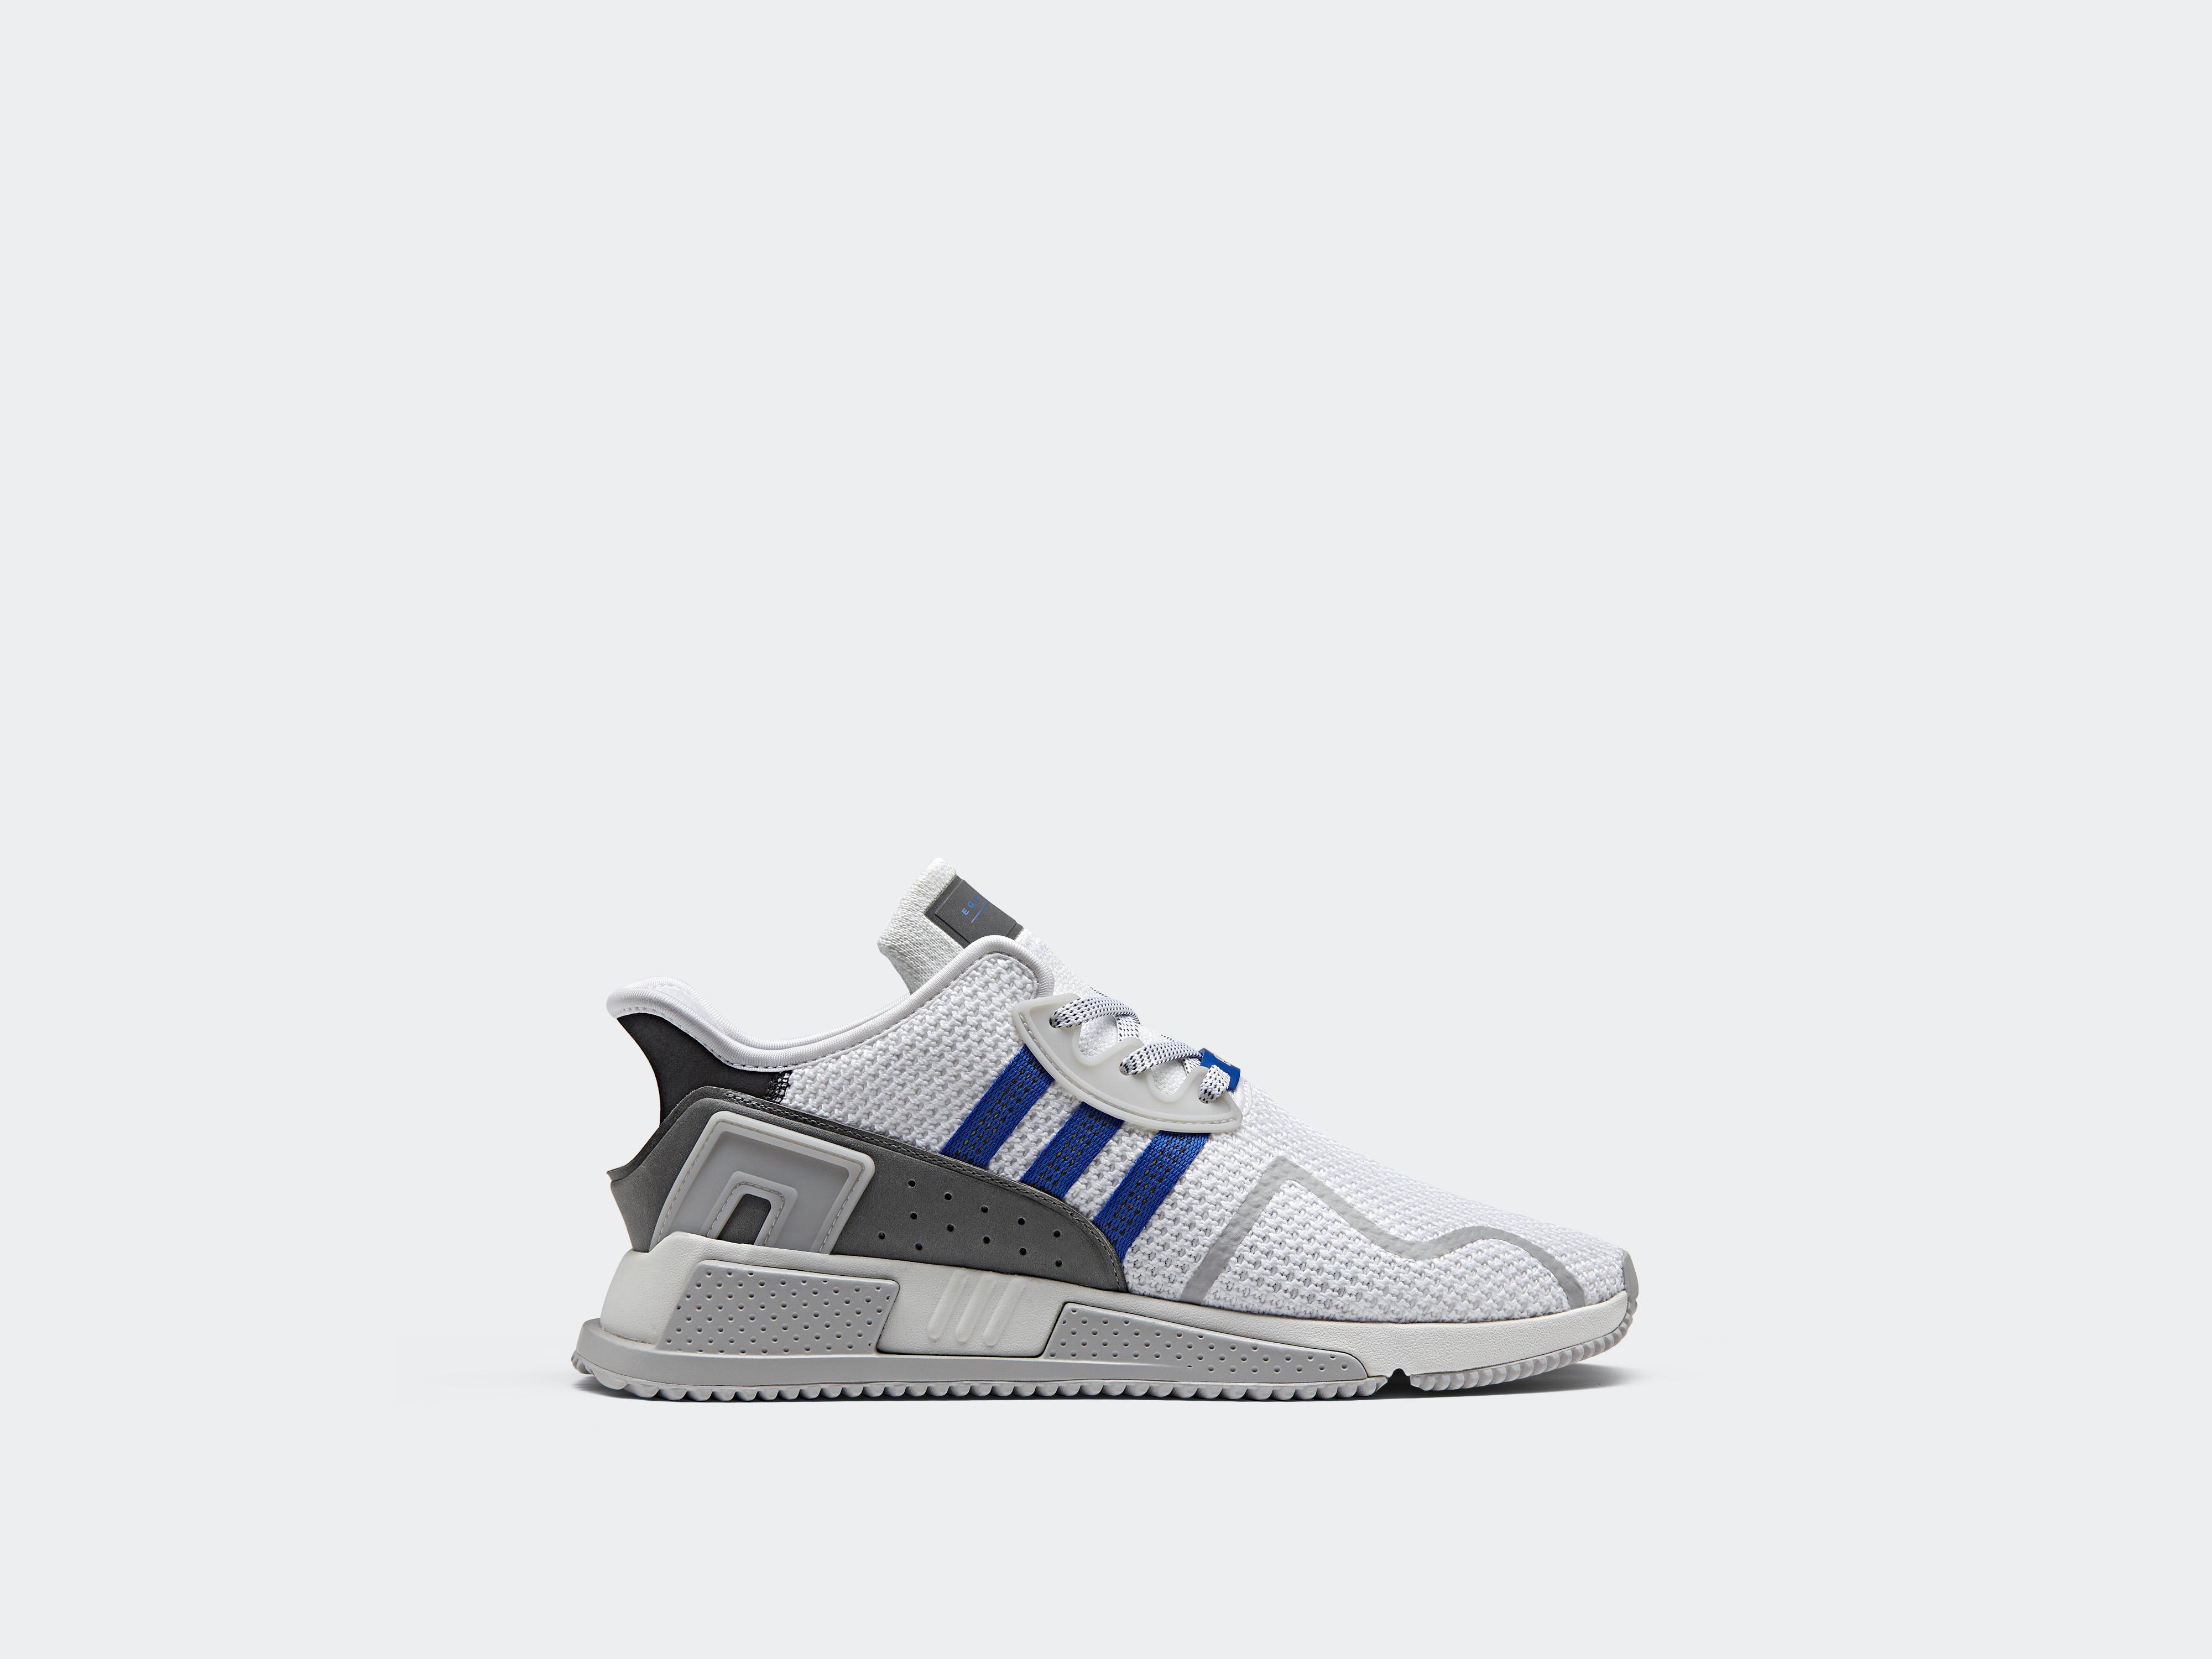 Adidas Originals EQT Support ADV Primeknit [BY9391] Men Casual